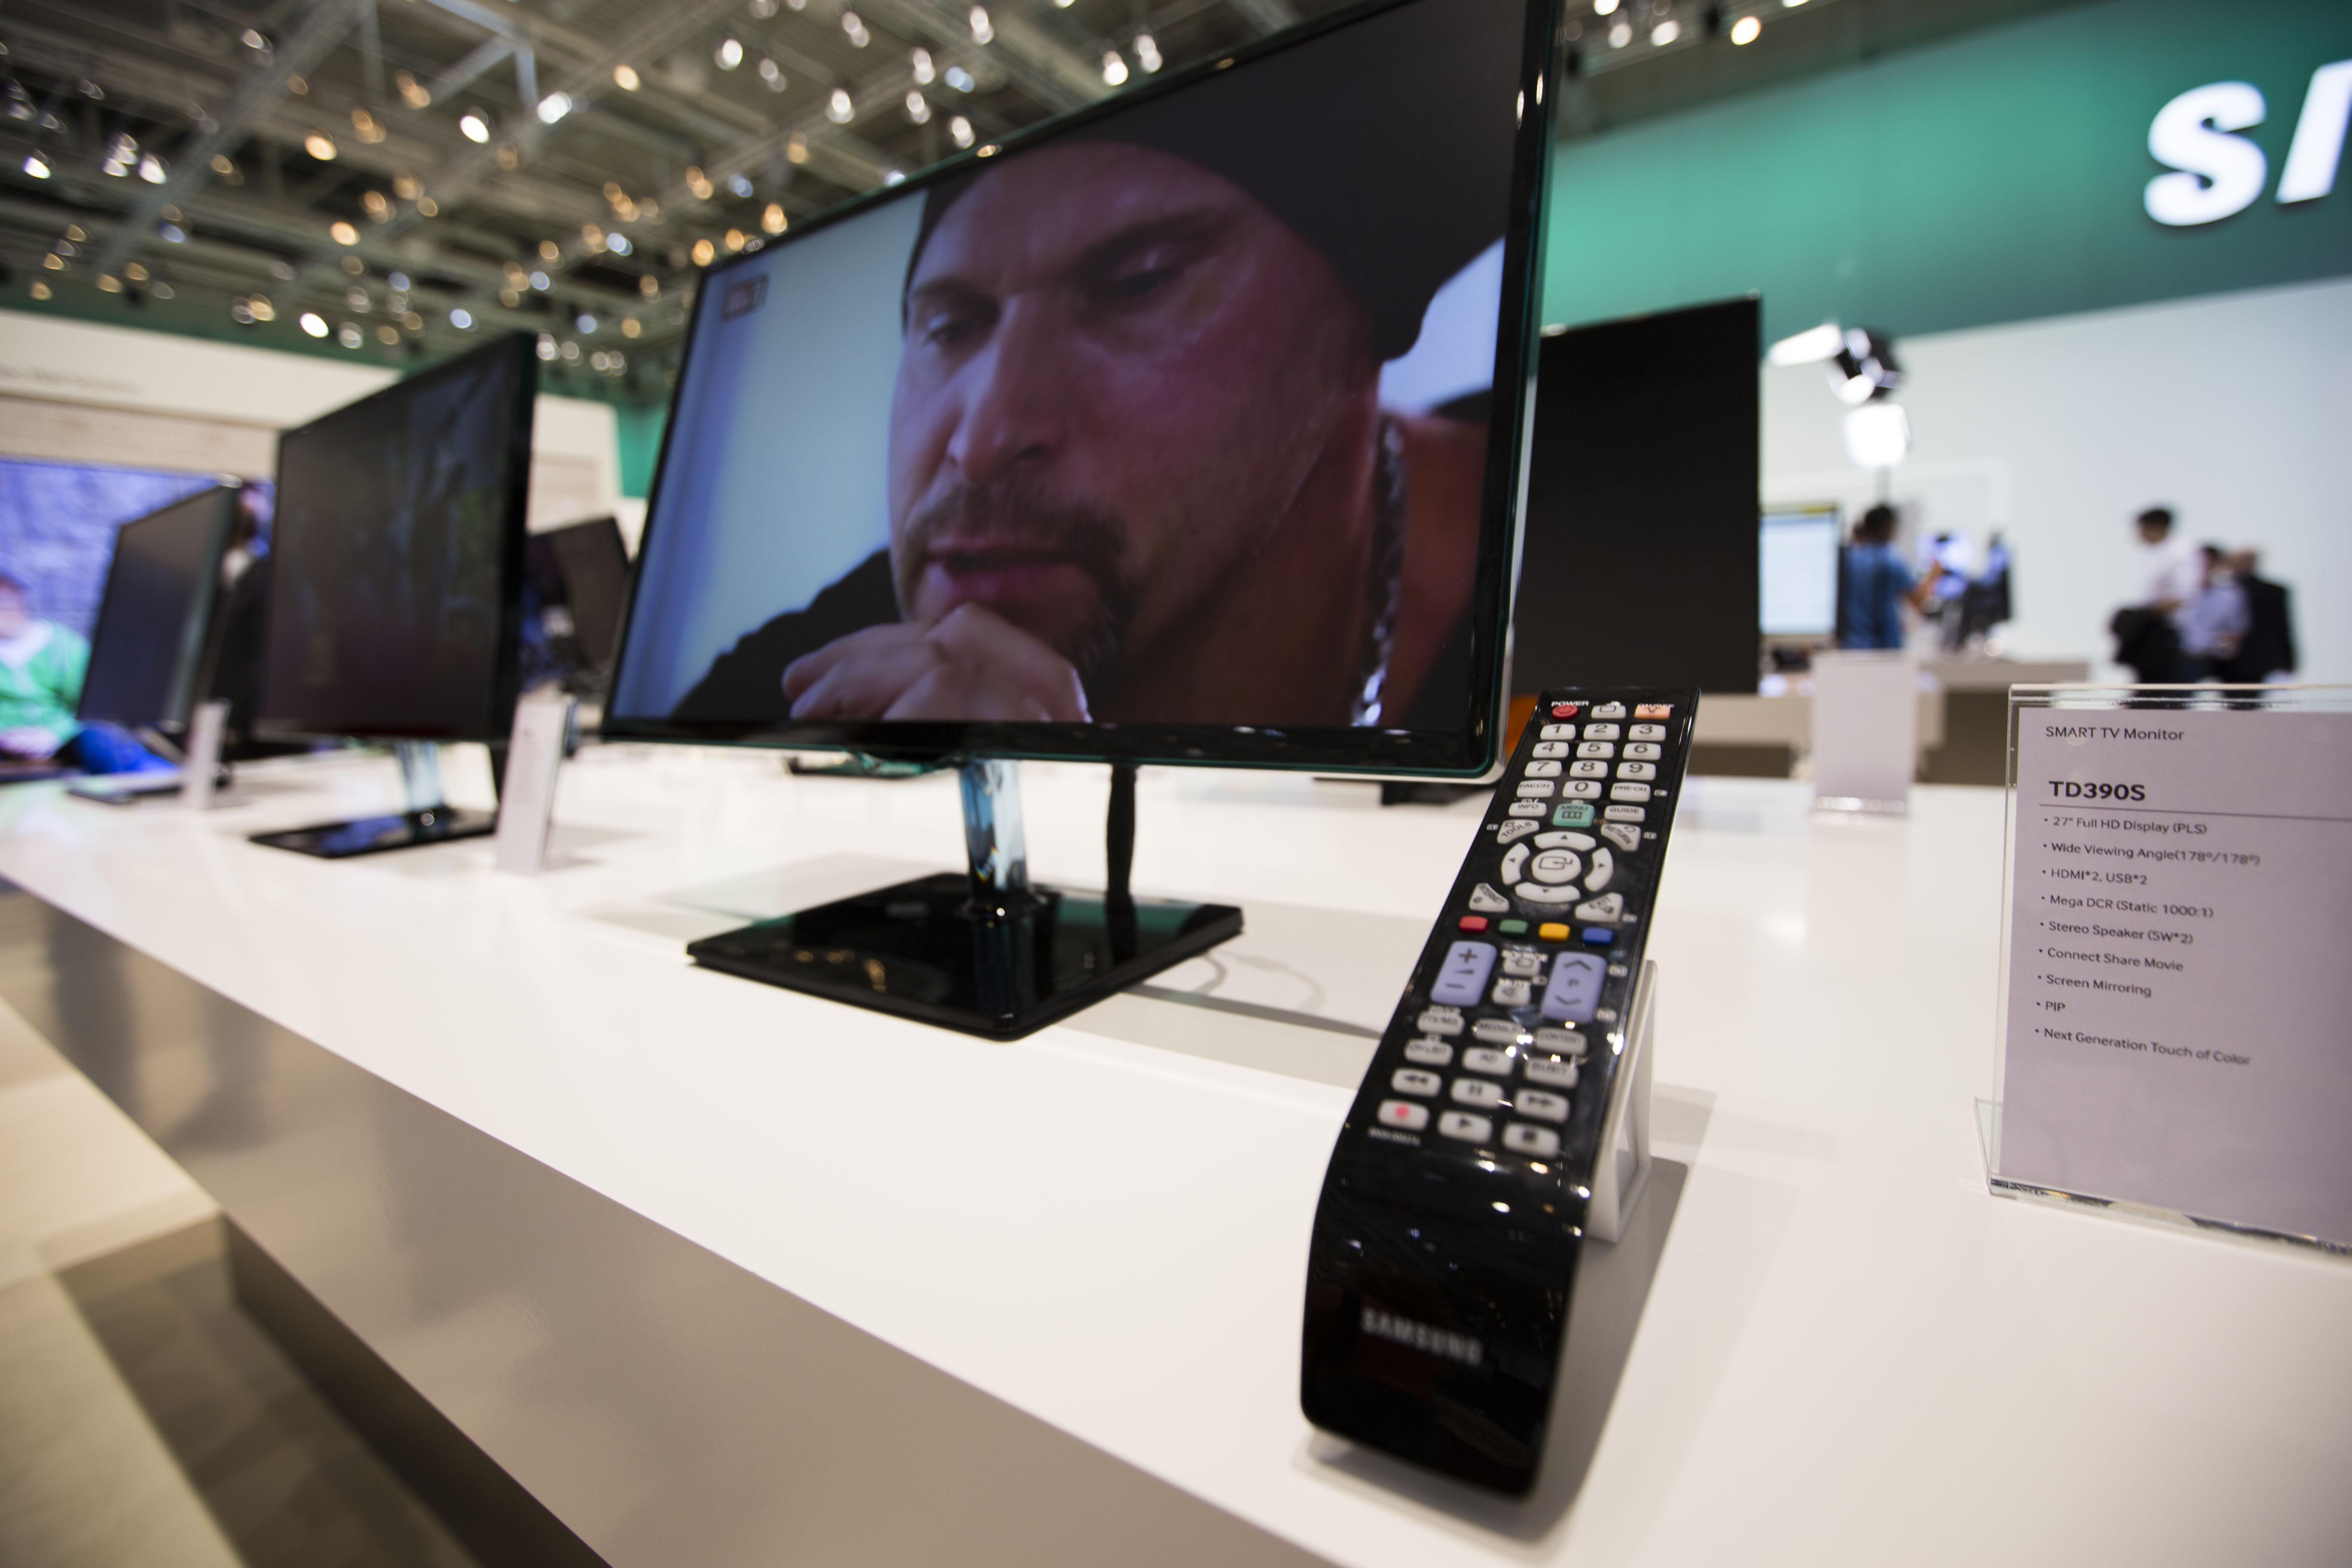 삼성 스마트 TV 모니터의 사진입니다.